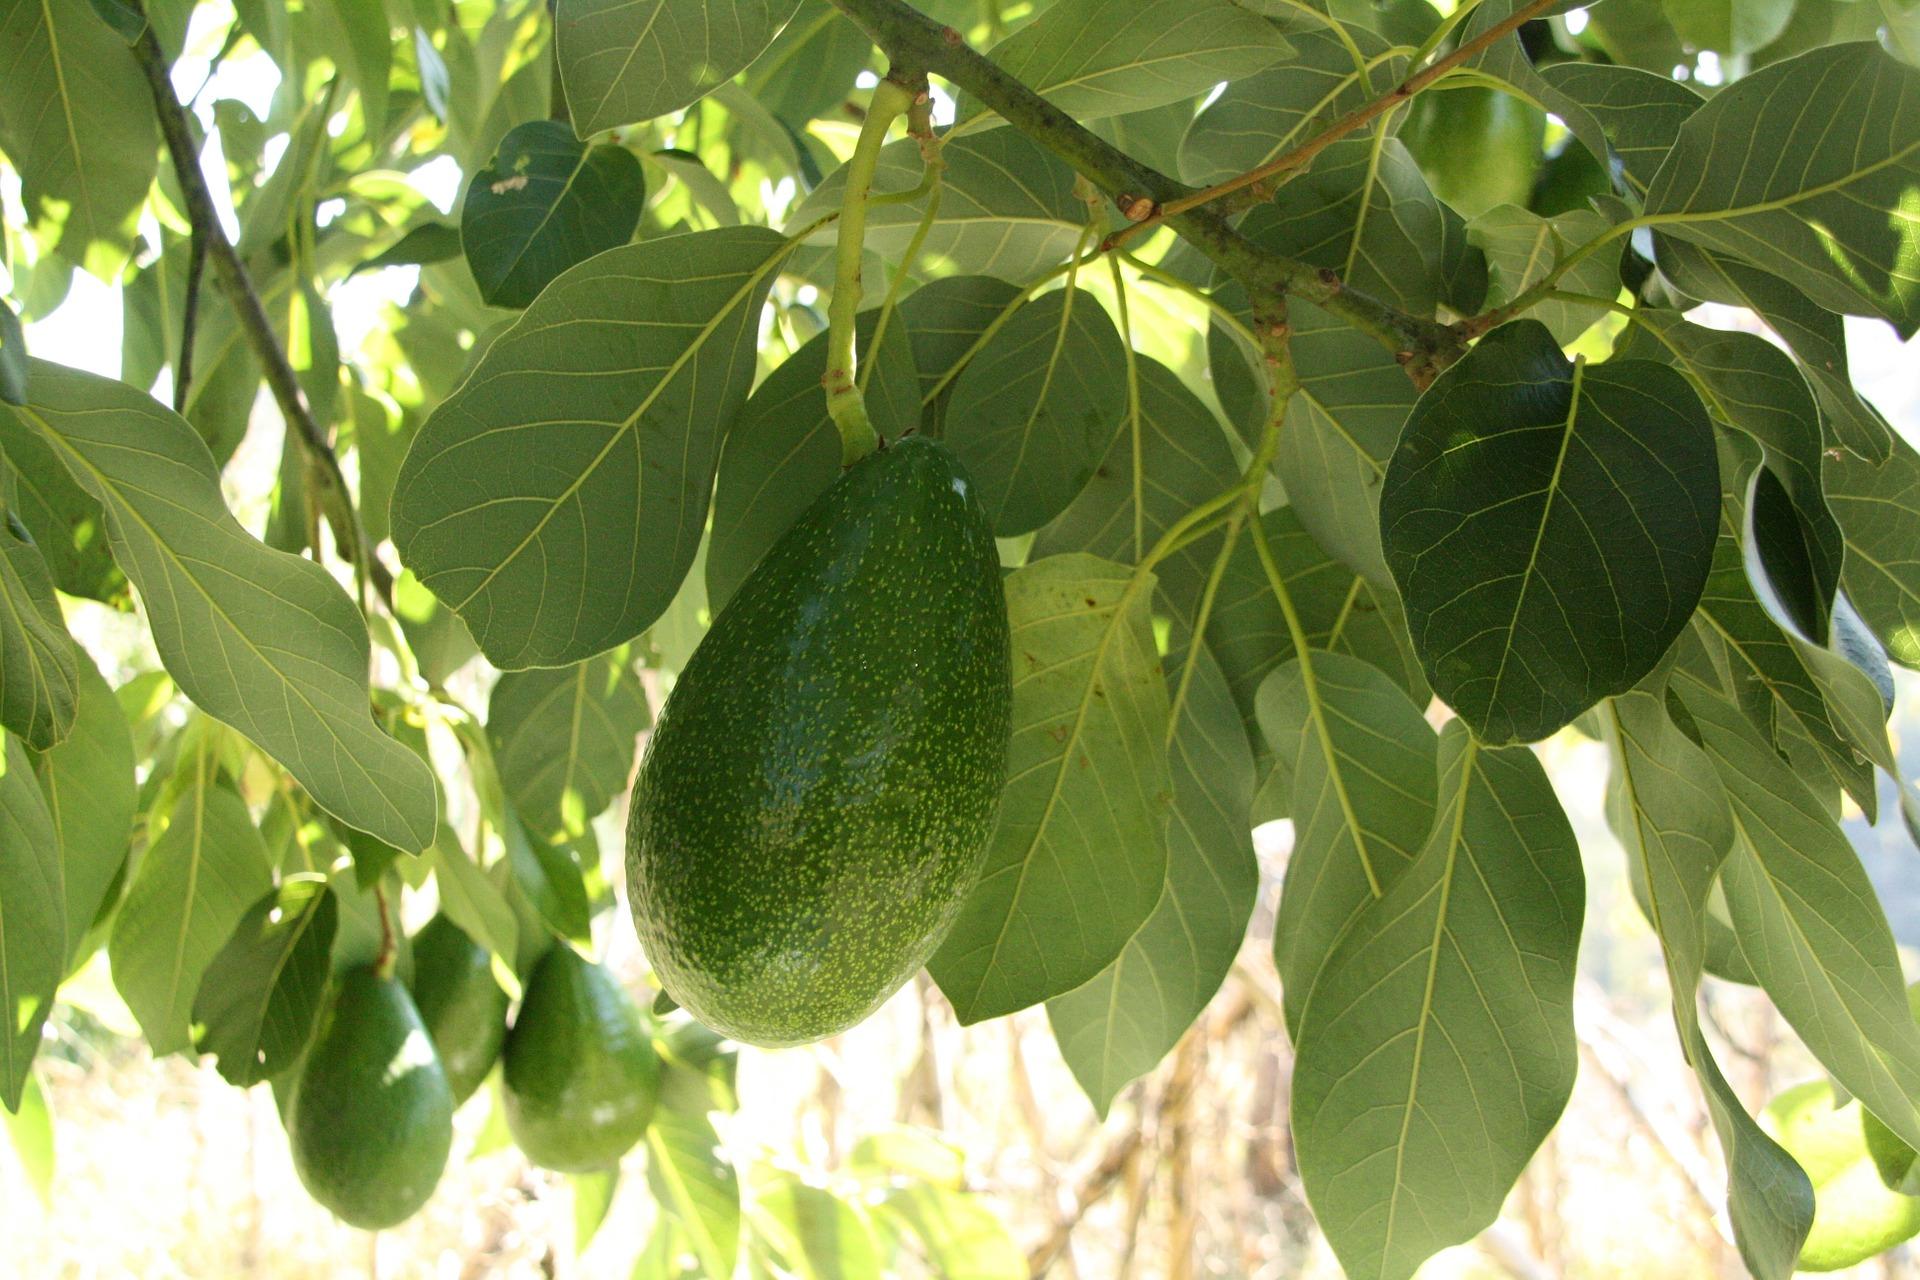 עץ אבוקדו מגרעין